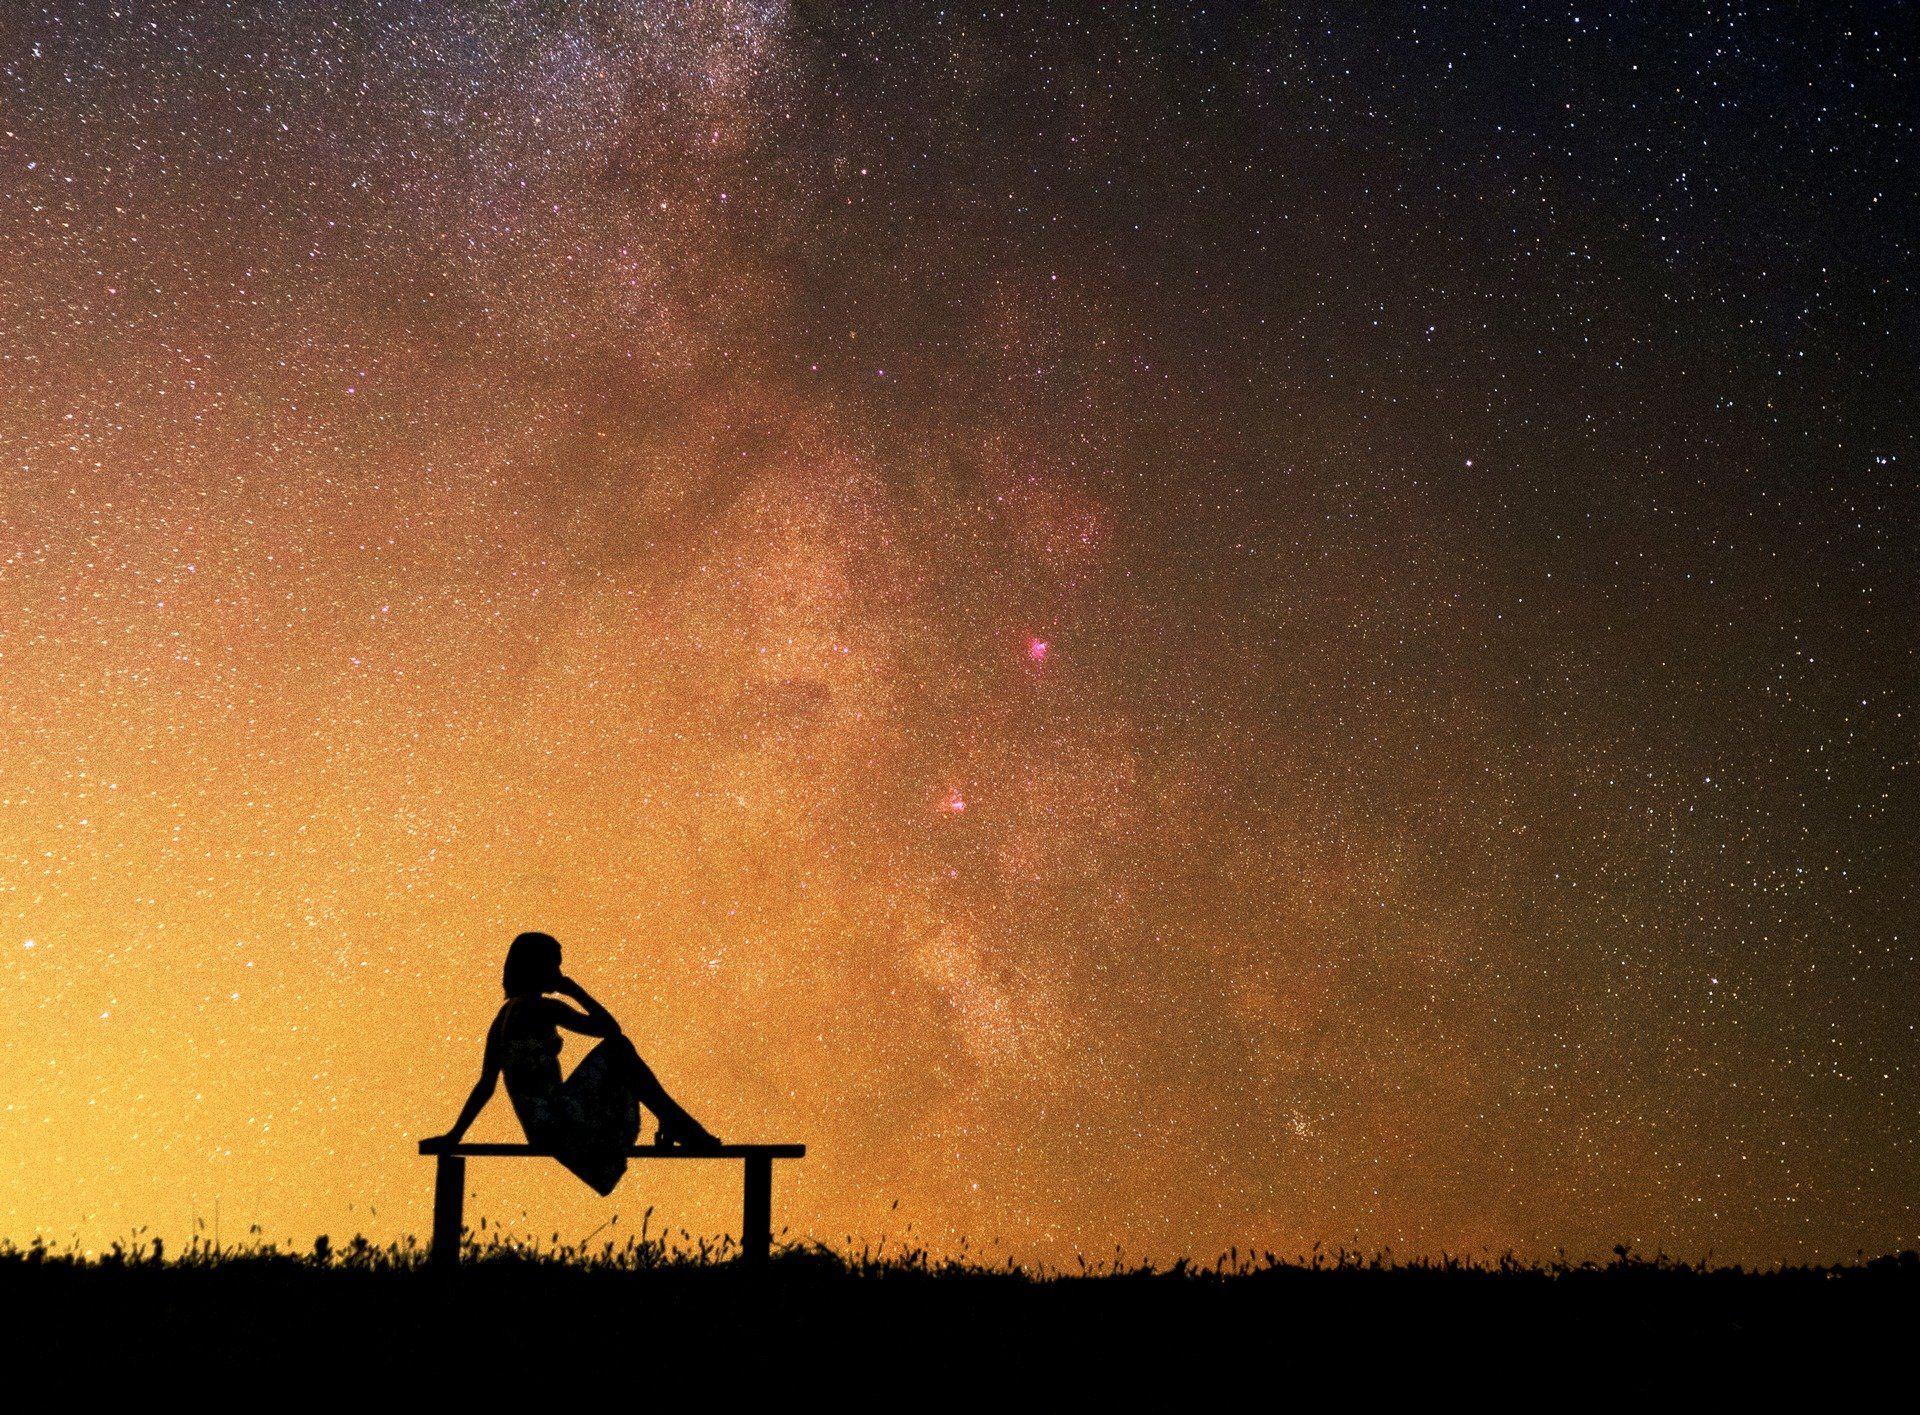 млечный путь, силуэт, звезды, небо, ночное фото, ночь, , Харланов Никита